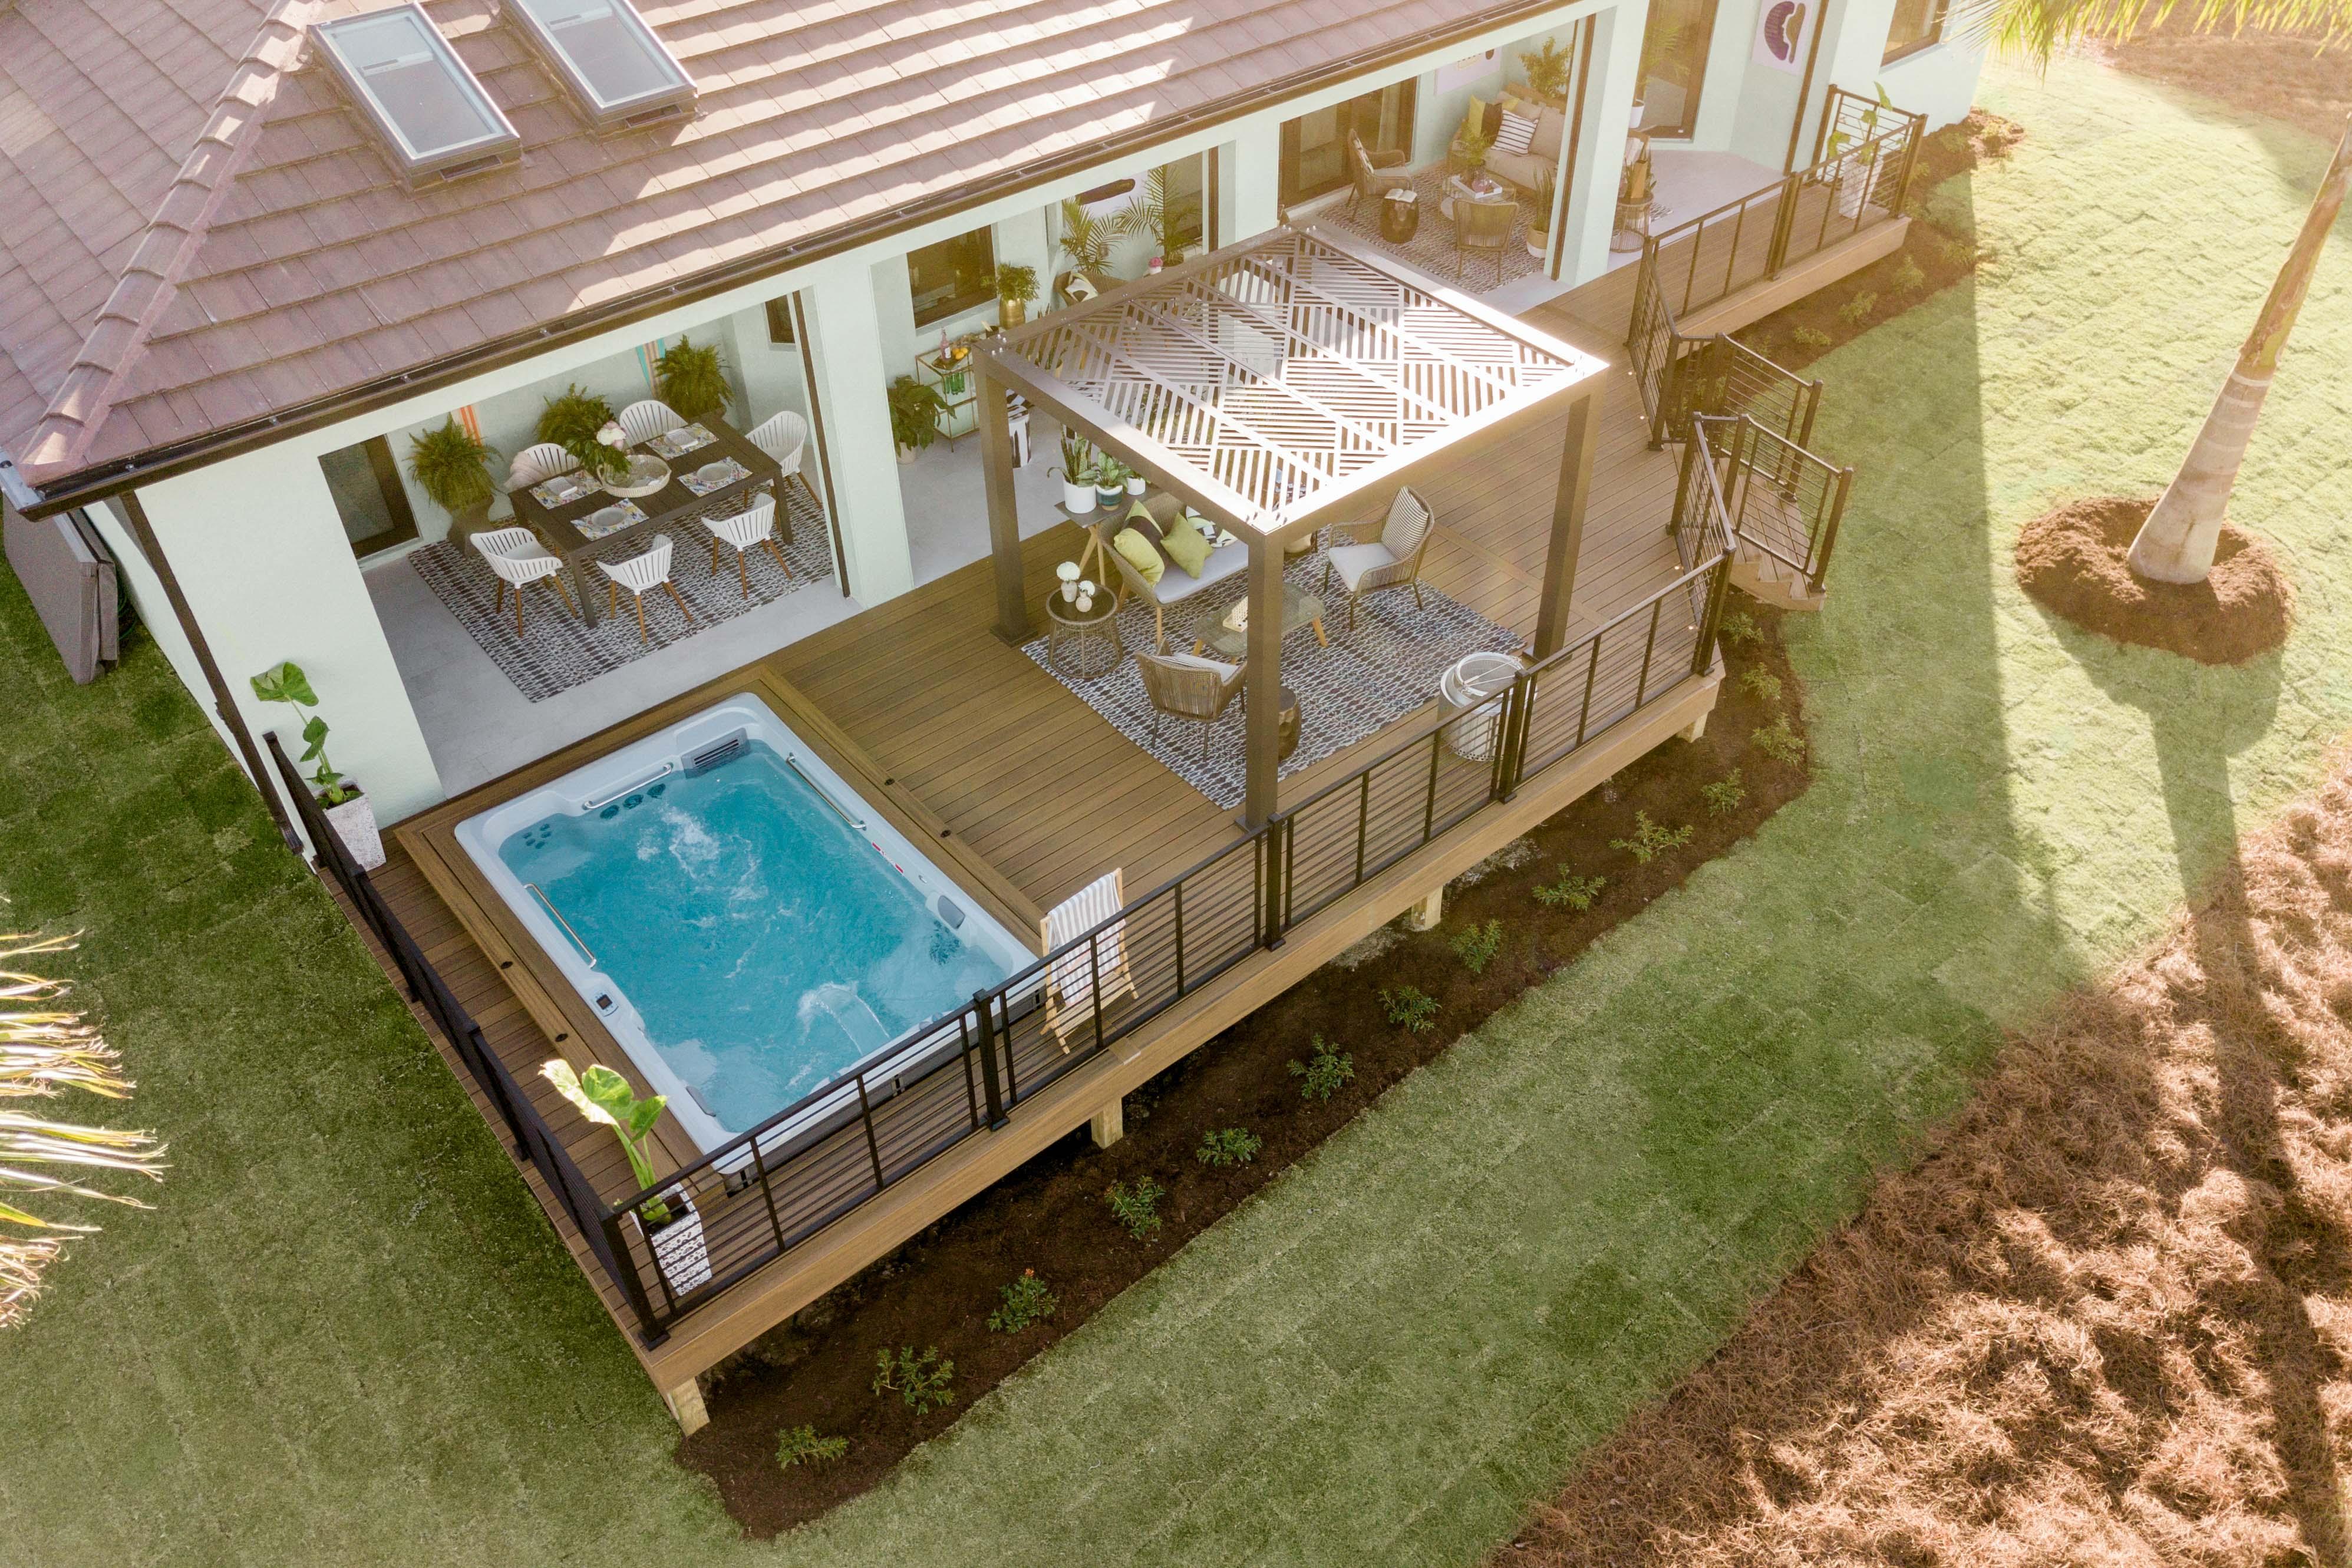 HGTV's 2021 Smart Home is in Naples 2